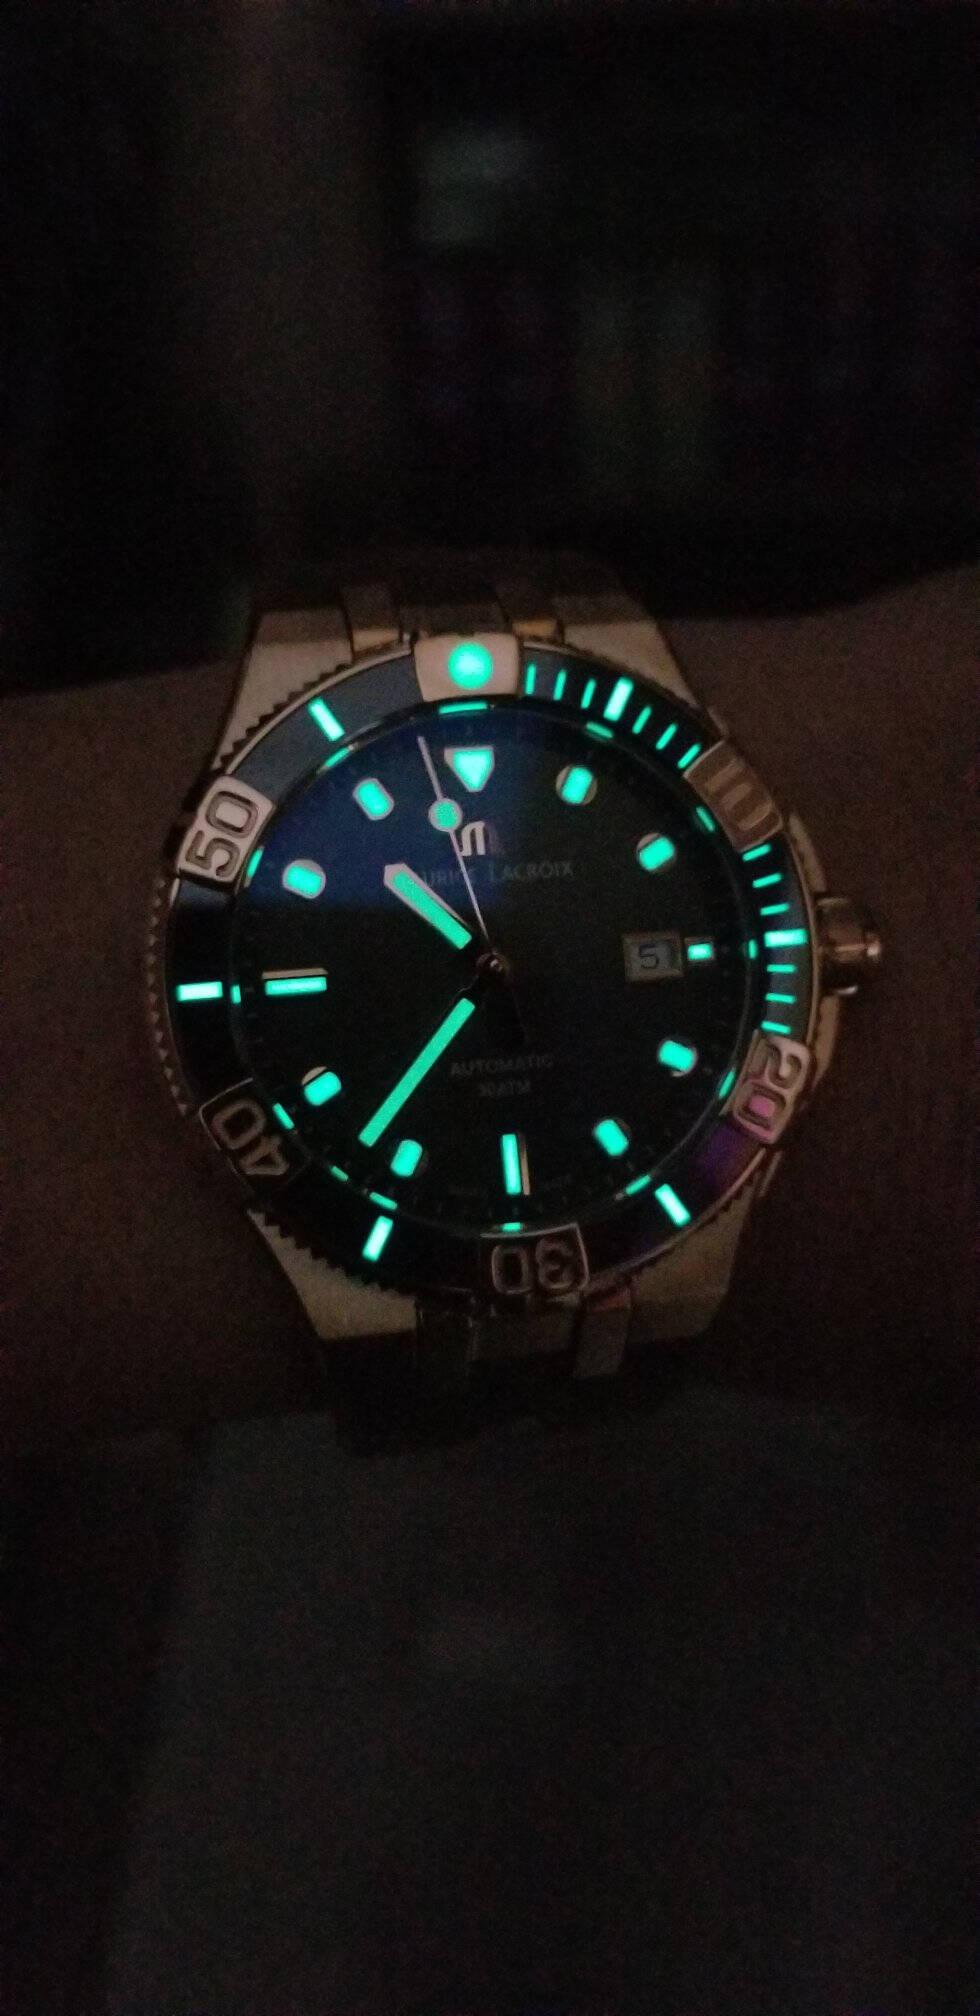 艾美(MAURICELACROIX)手表瑞士ML115机械机芯300米潜水表强夜光显示男士简约腕表AI6058-BRZ01-630-1全球限量500